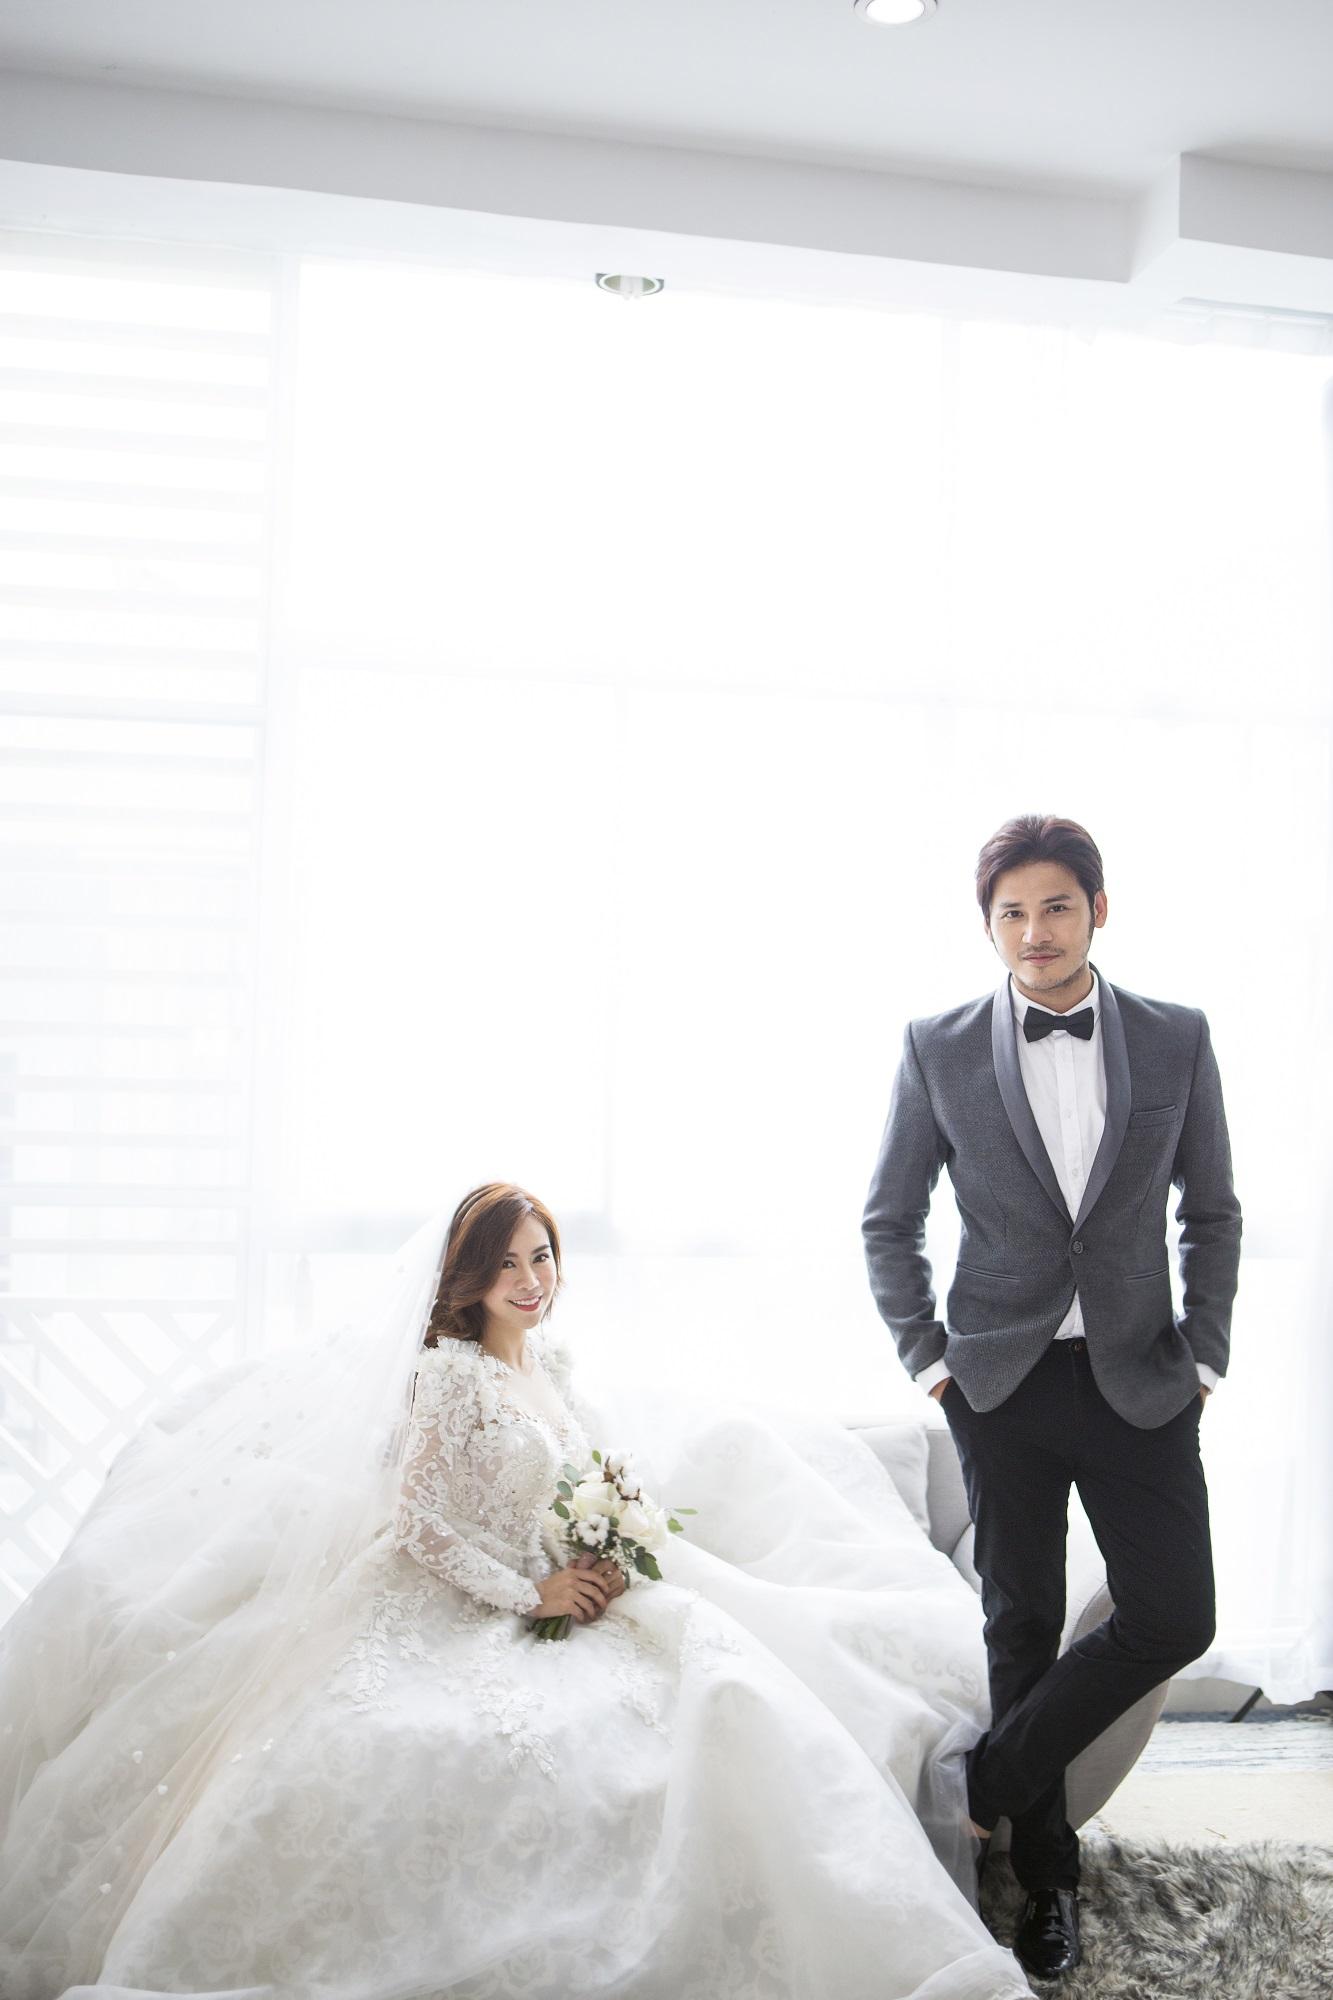 Diễn viên Gạo nếp gạo tẻ 'khoá môi' bạn trai ngọt ngào trong ảnh cưới - Ảnh 9